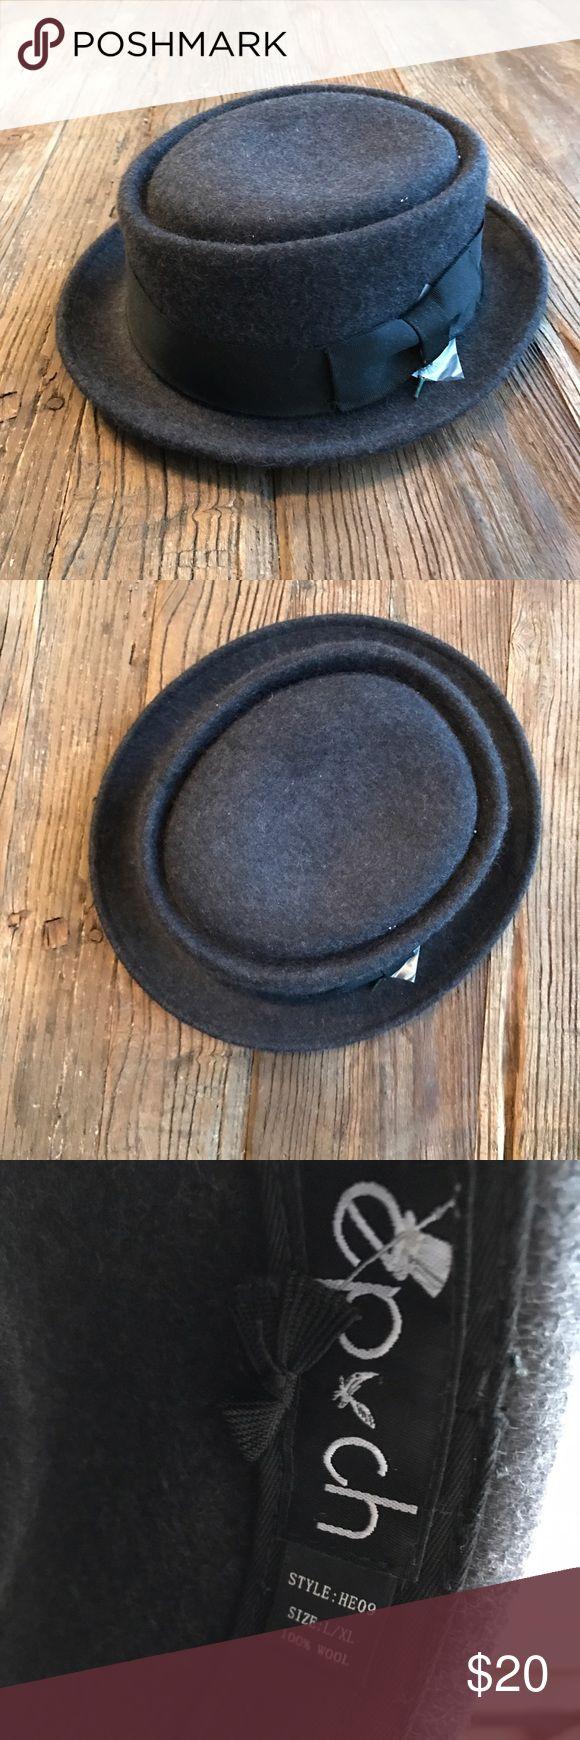 Men's wool hat Men's wool grey hat with short brim Accessories Hats